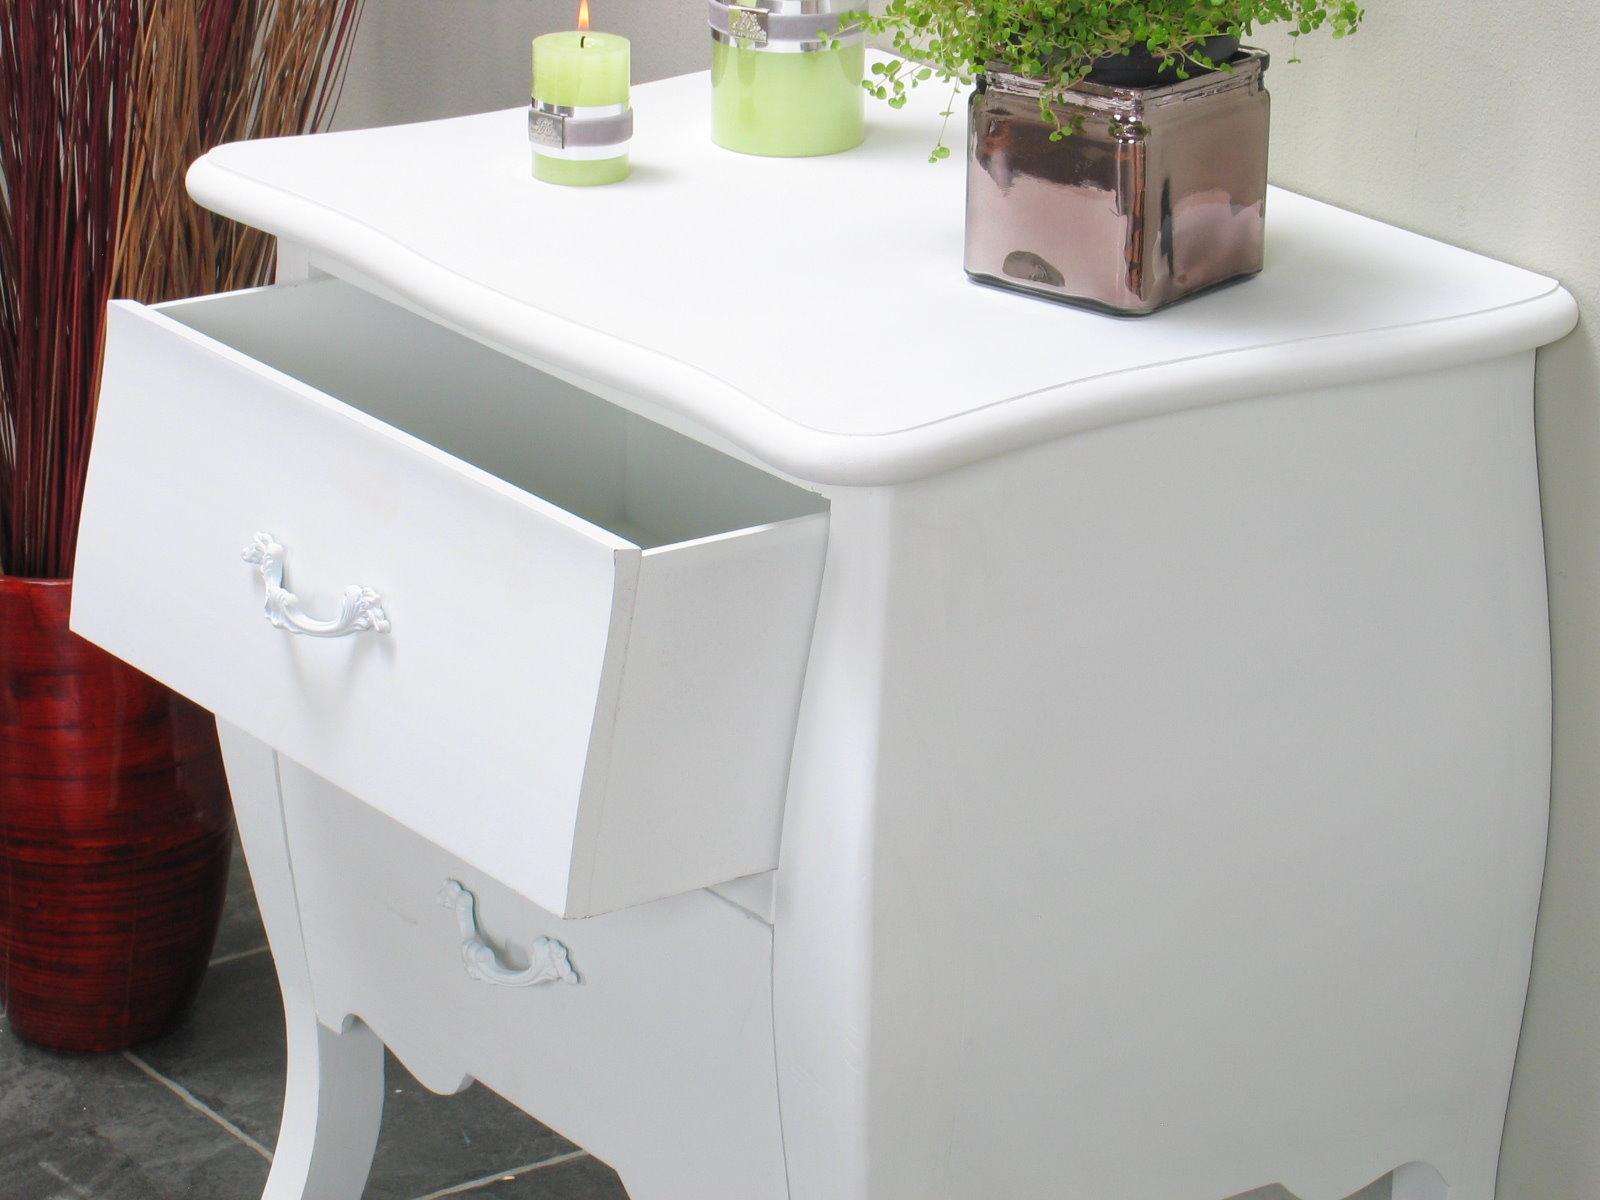 2x nachttisch bilbao schubladen kommode nachtschrank beistellschrank wei m bel wohnen. Black Bedroom Furniture Sets. Home Design Ideas